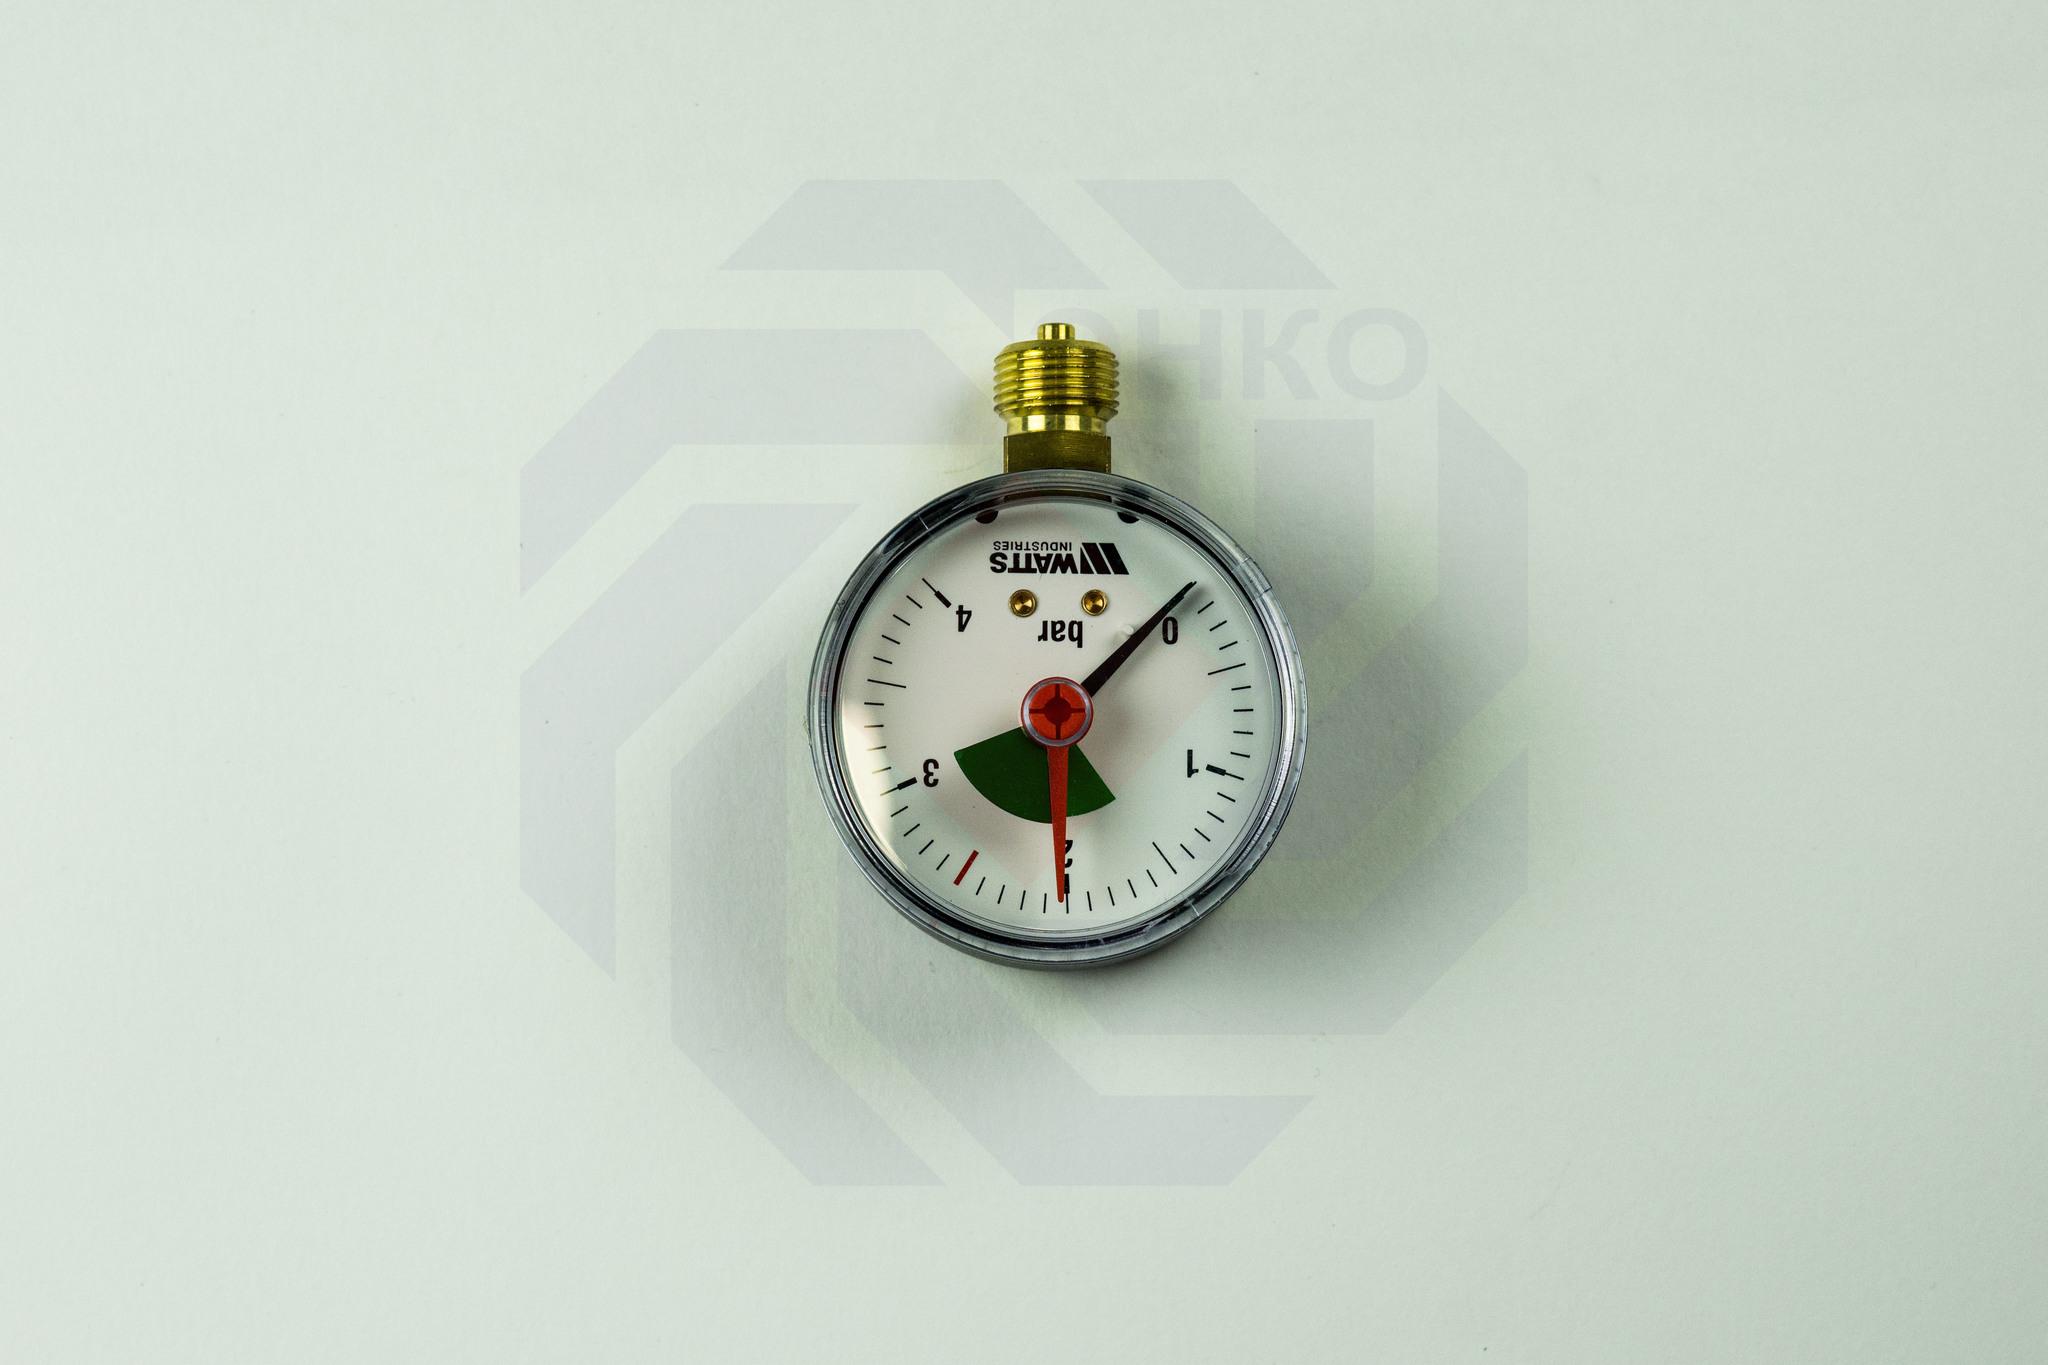 Манометр радиальный WATTS MHR 63/4 (F+R201) 0-4 бар 63 мм ¼